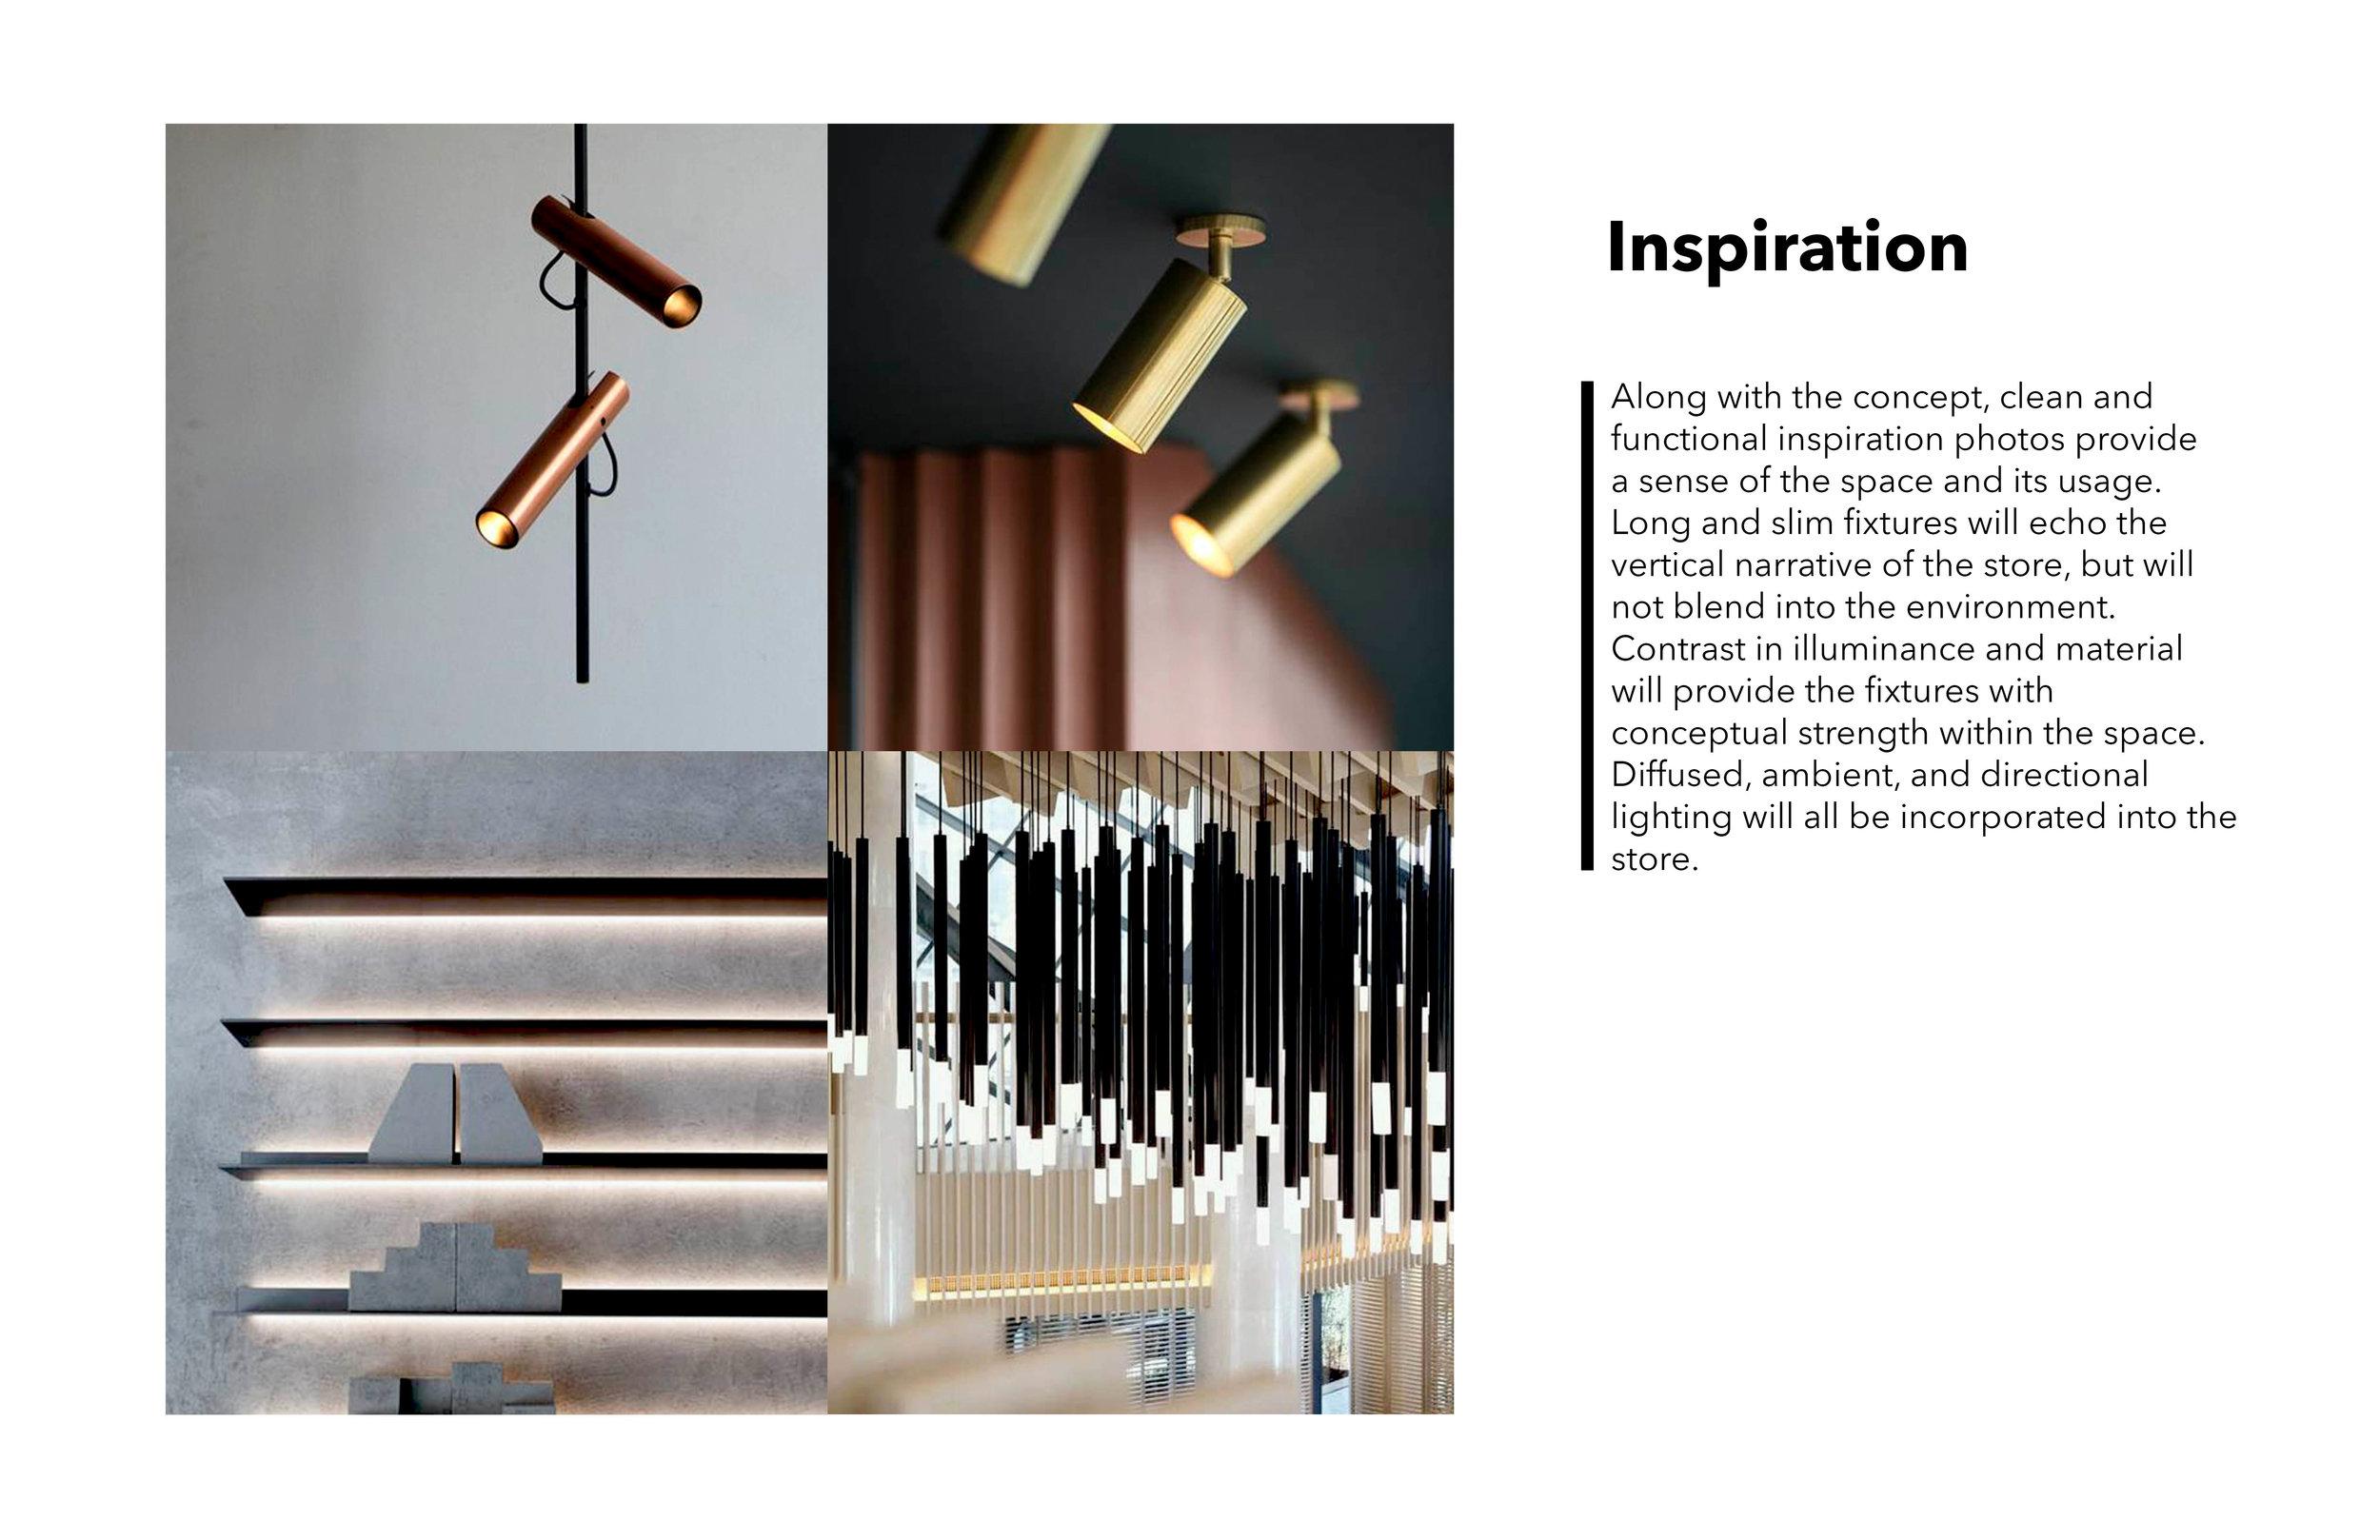 Aesop_Inspiration_Slide.jpg